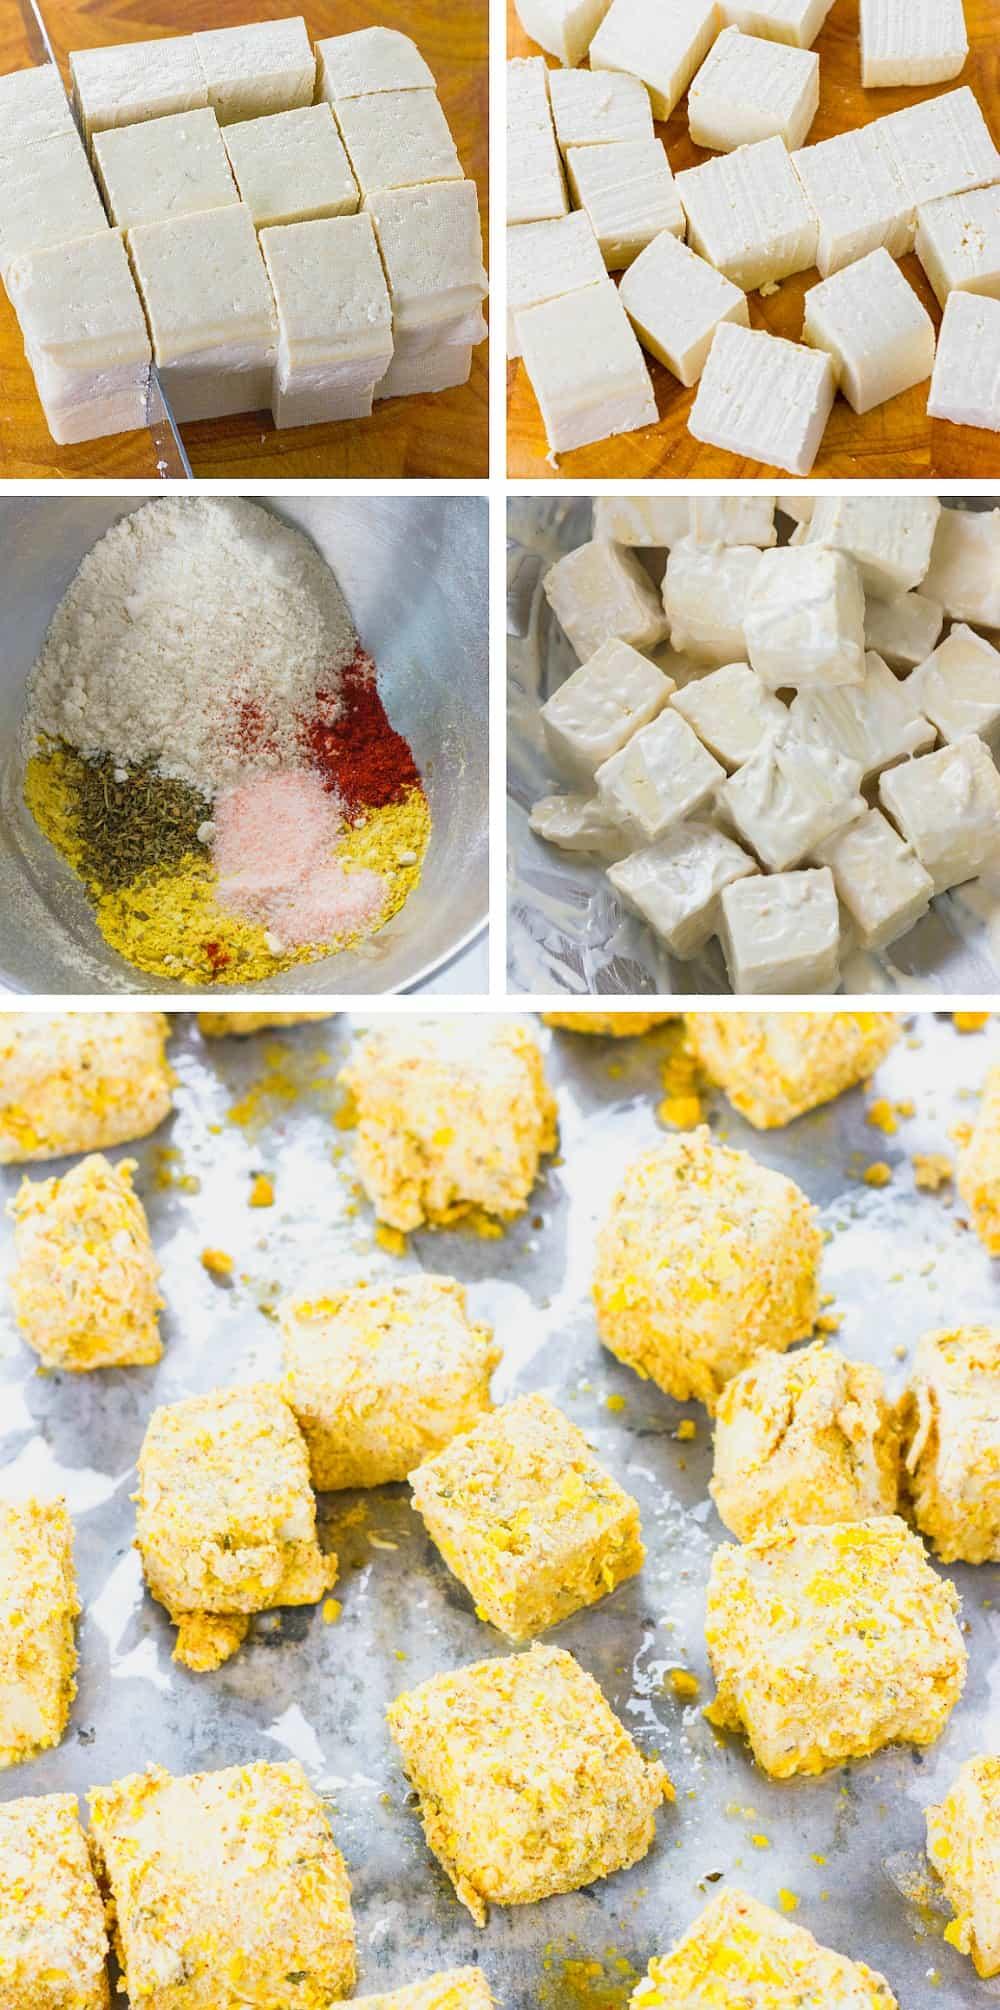 How To Make Tofu Nuggets